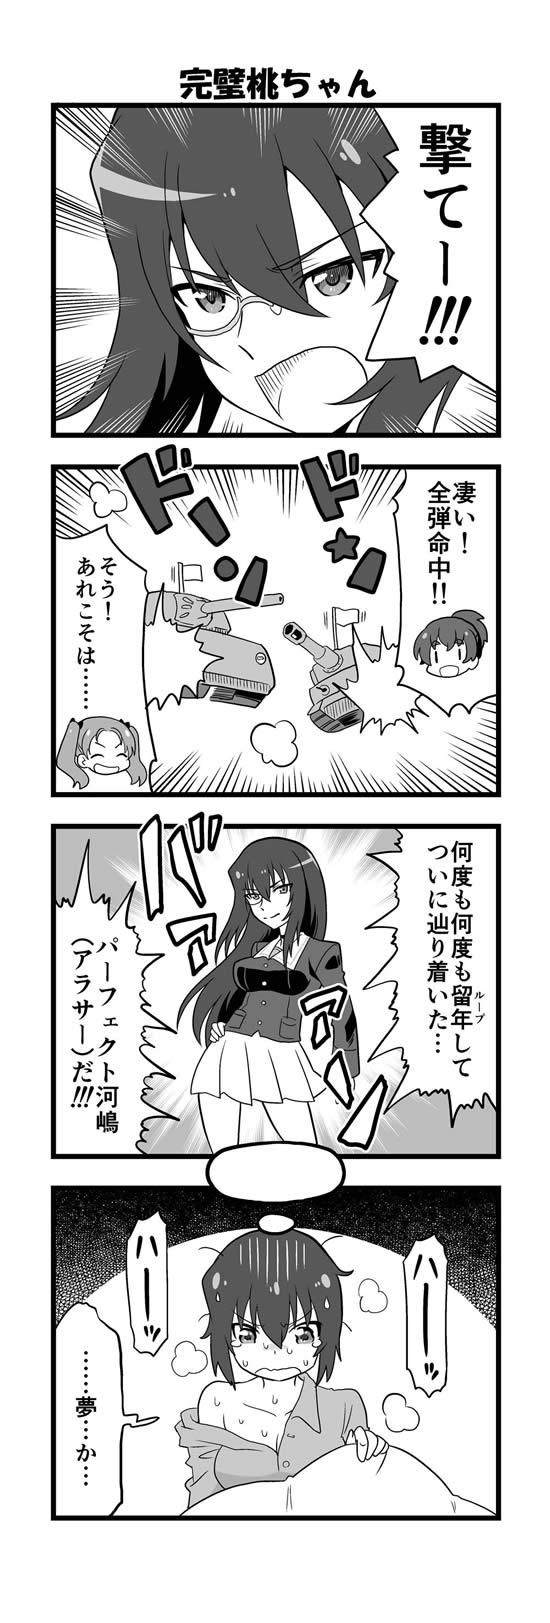 ガールズ&パンツァー 河嶋桃 留年(ループ) 漫画